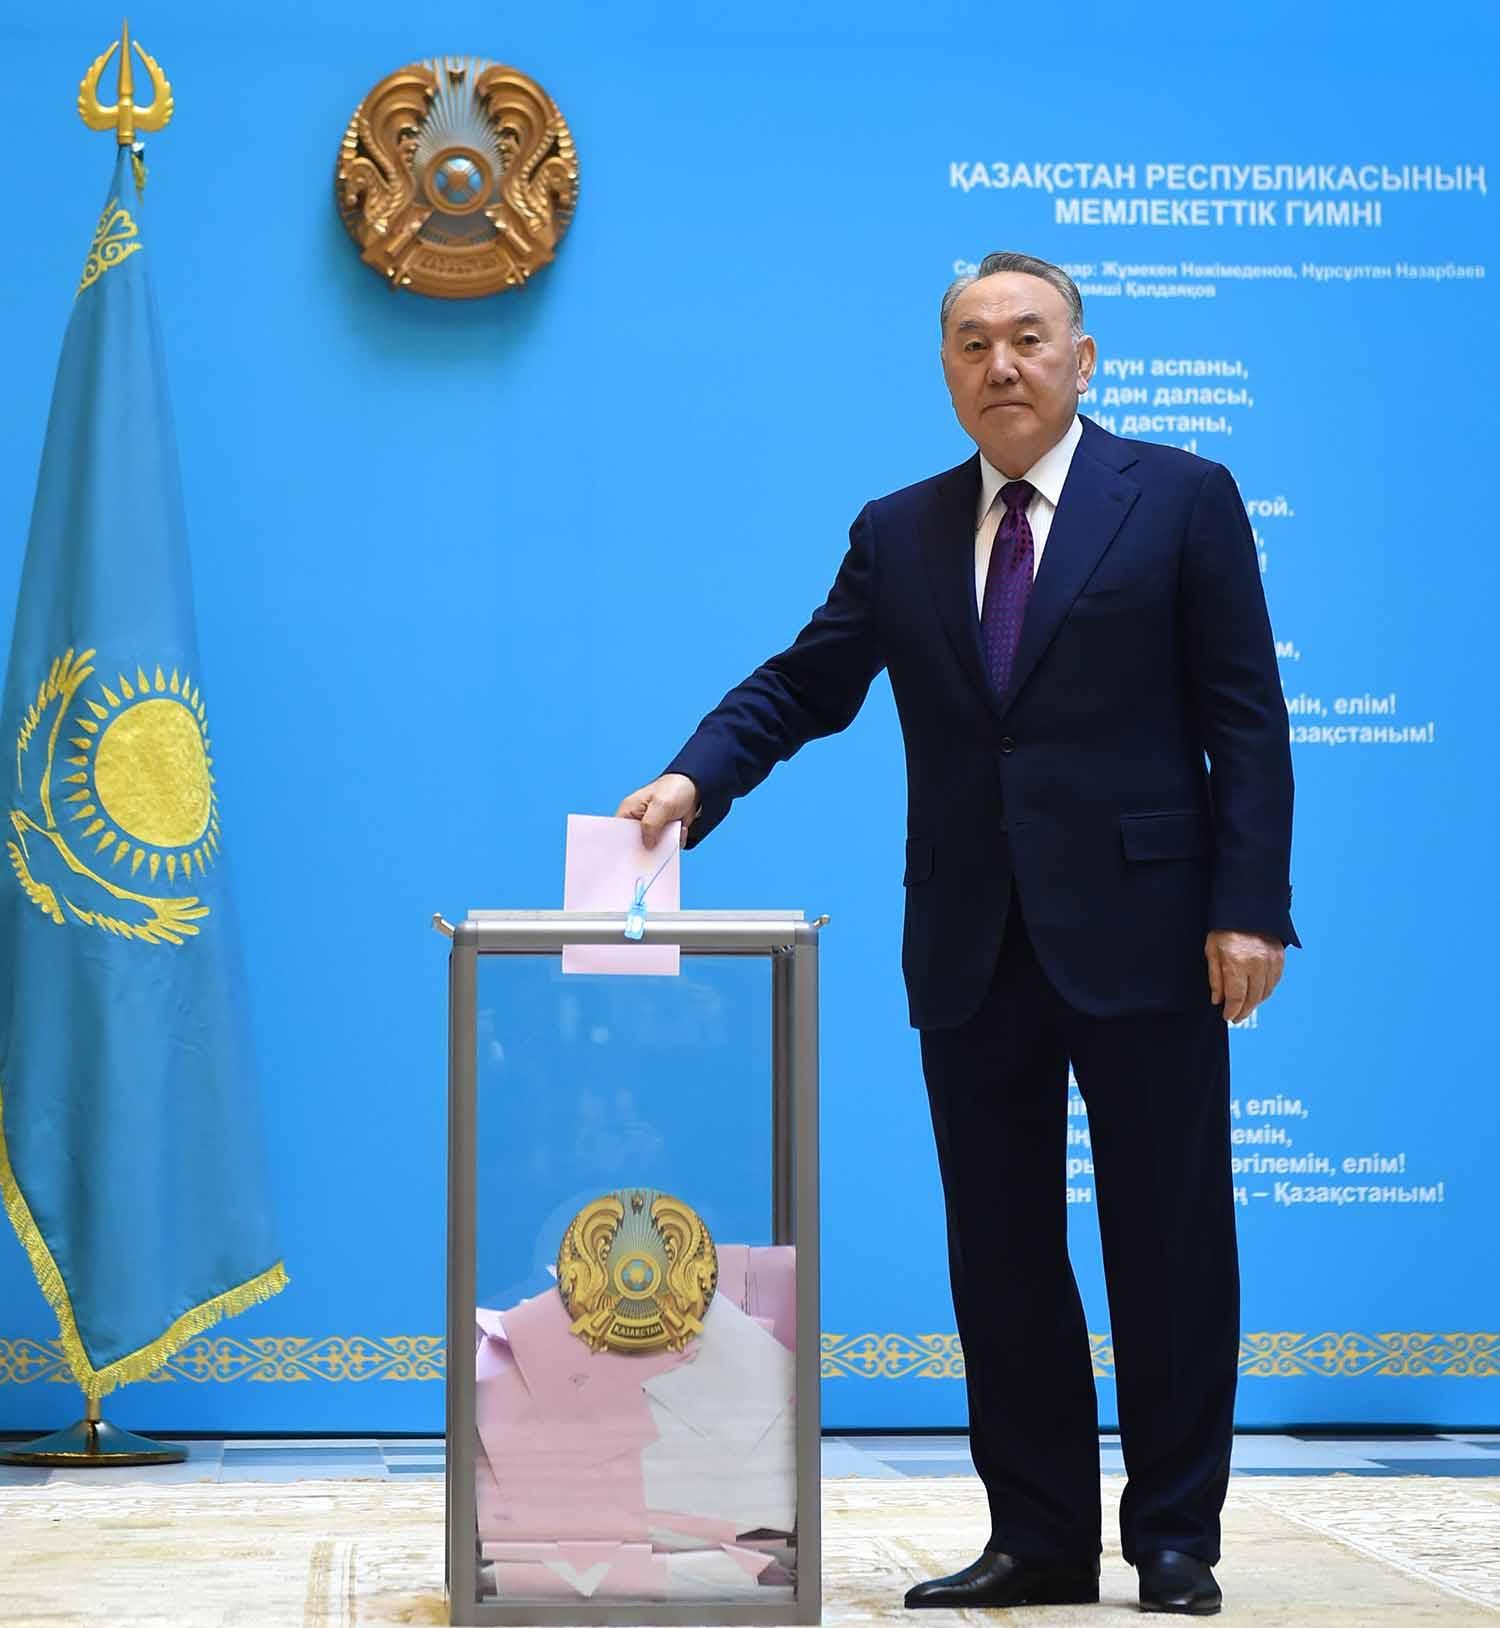 Политический строй Казахстана может поменяться